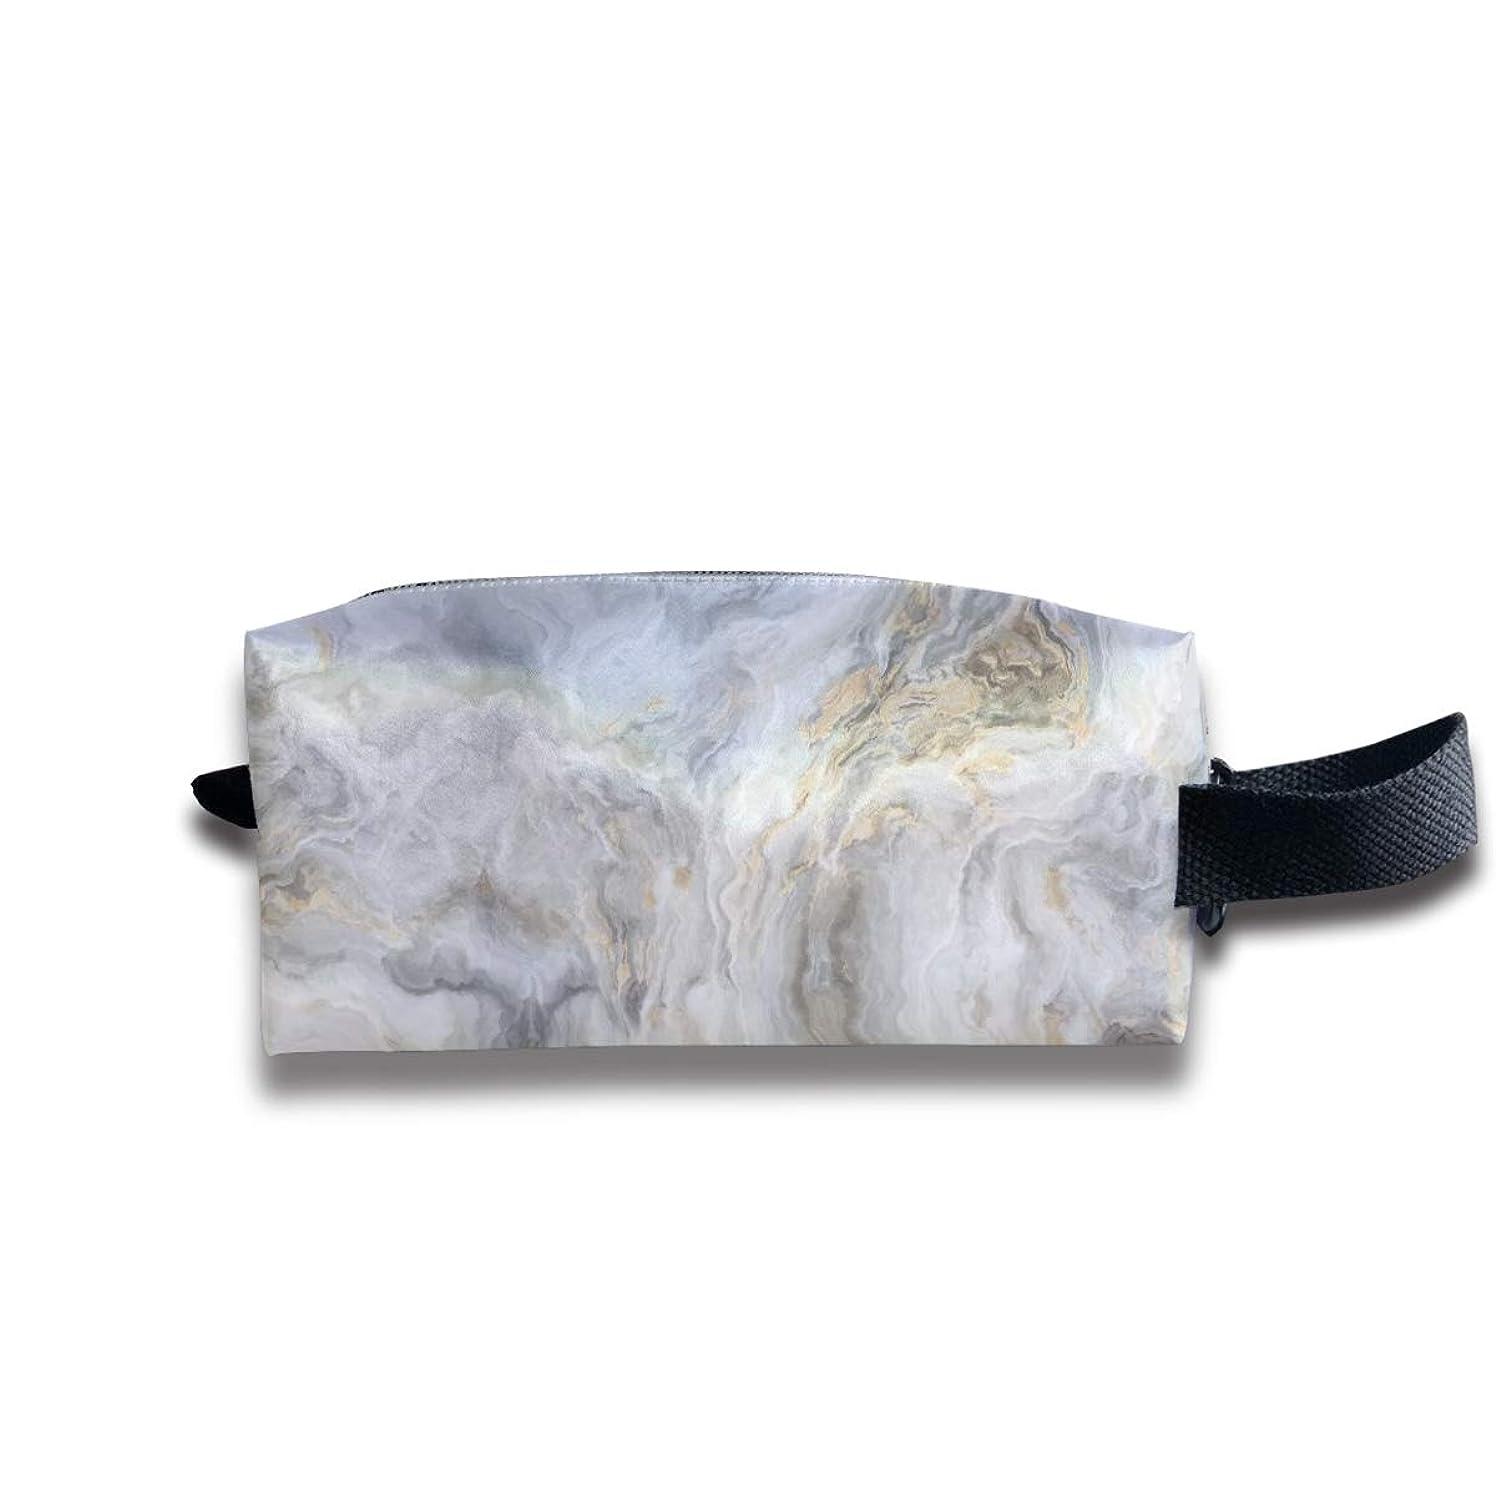 白い大理石 ペンケース文房具バッグ大容量ペンケース化粧品袋収納袋男の子と女の子多機能浴室シャワーバッグ旅行ポータブルストレージバッグ